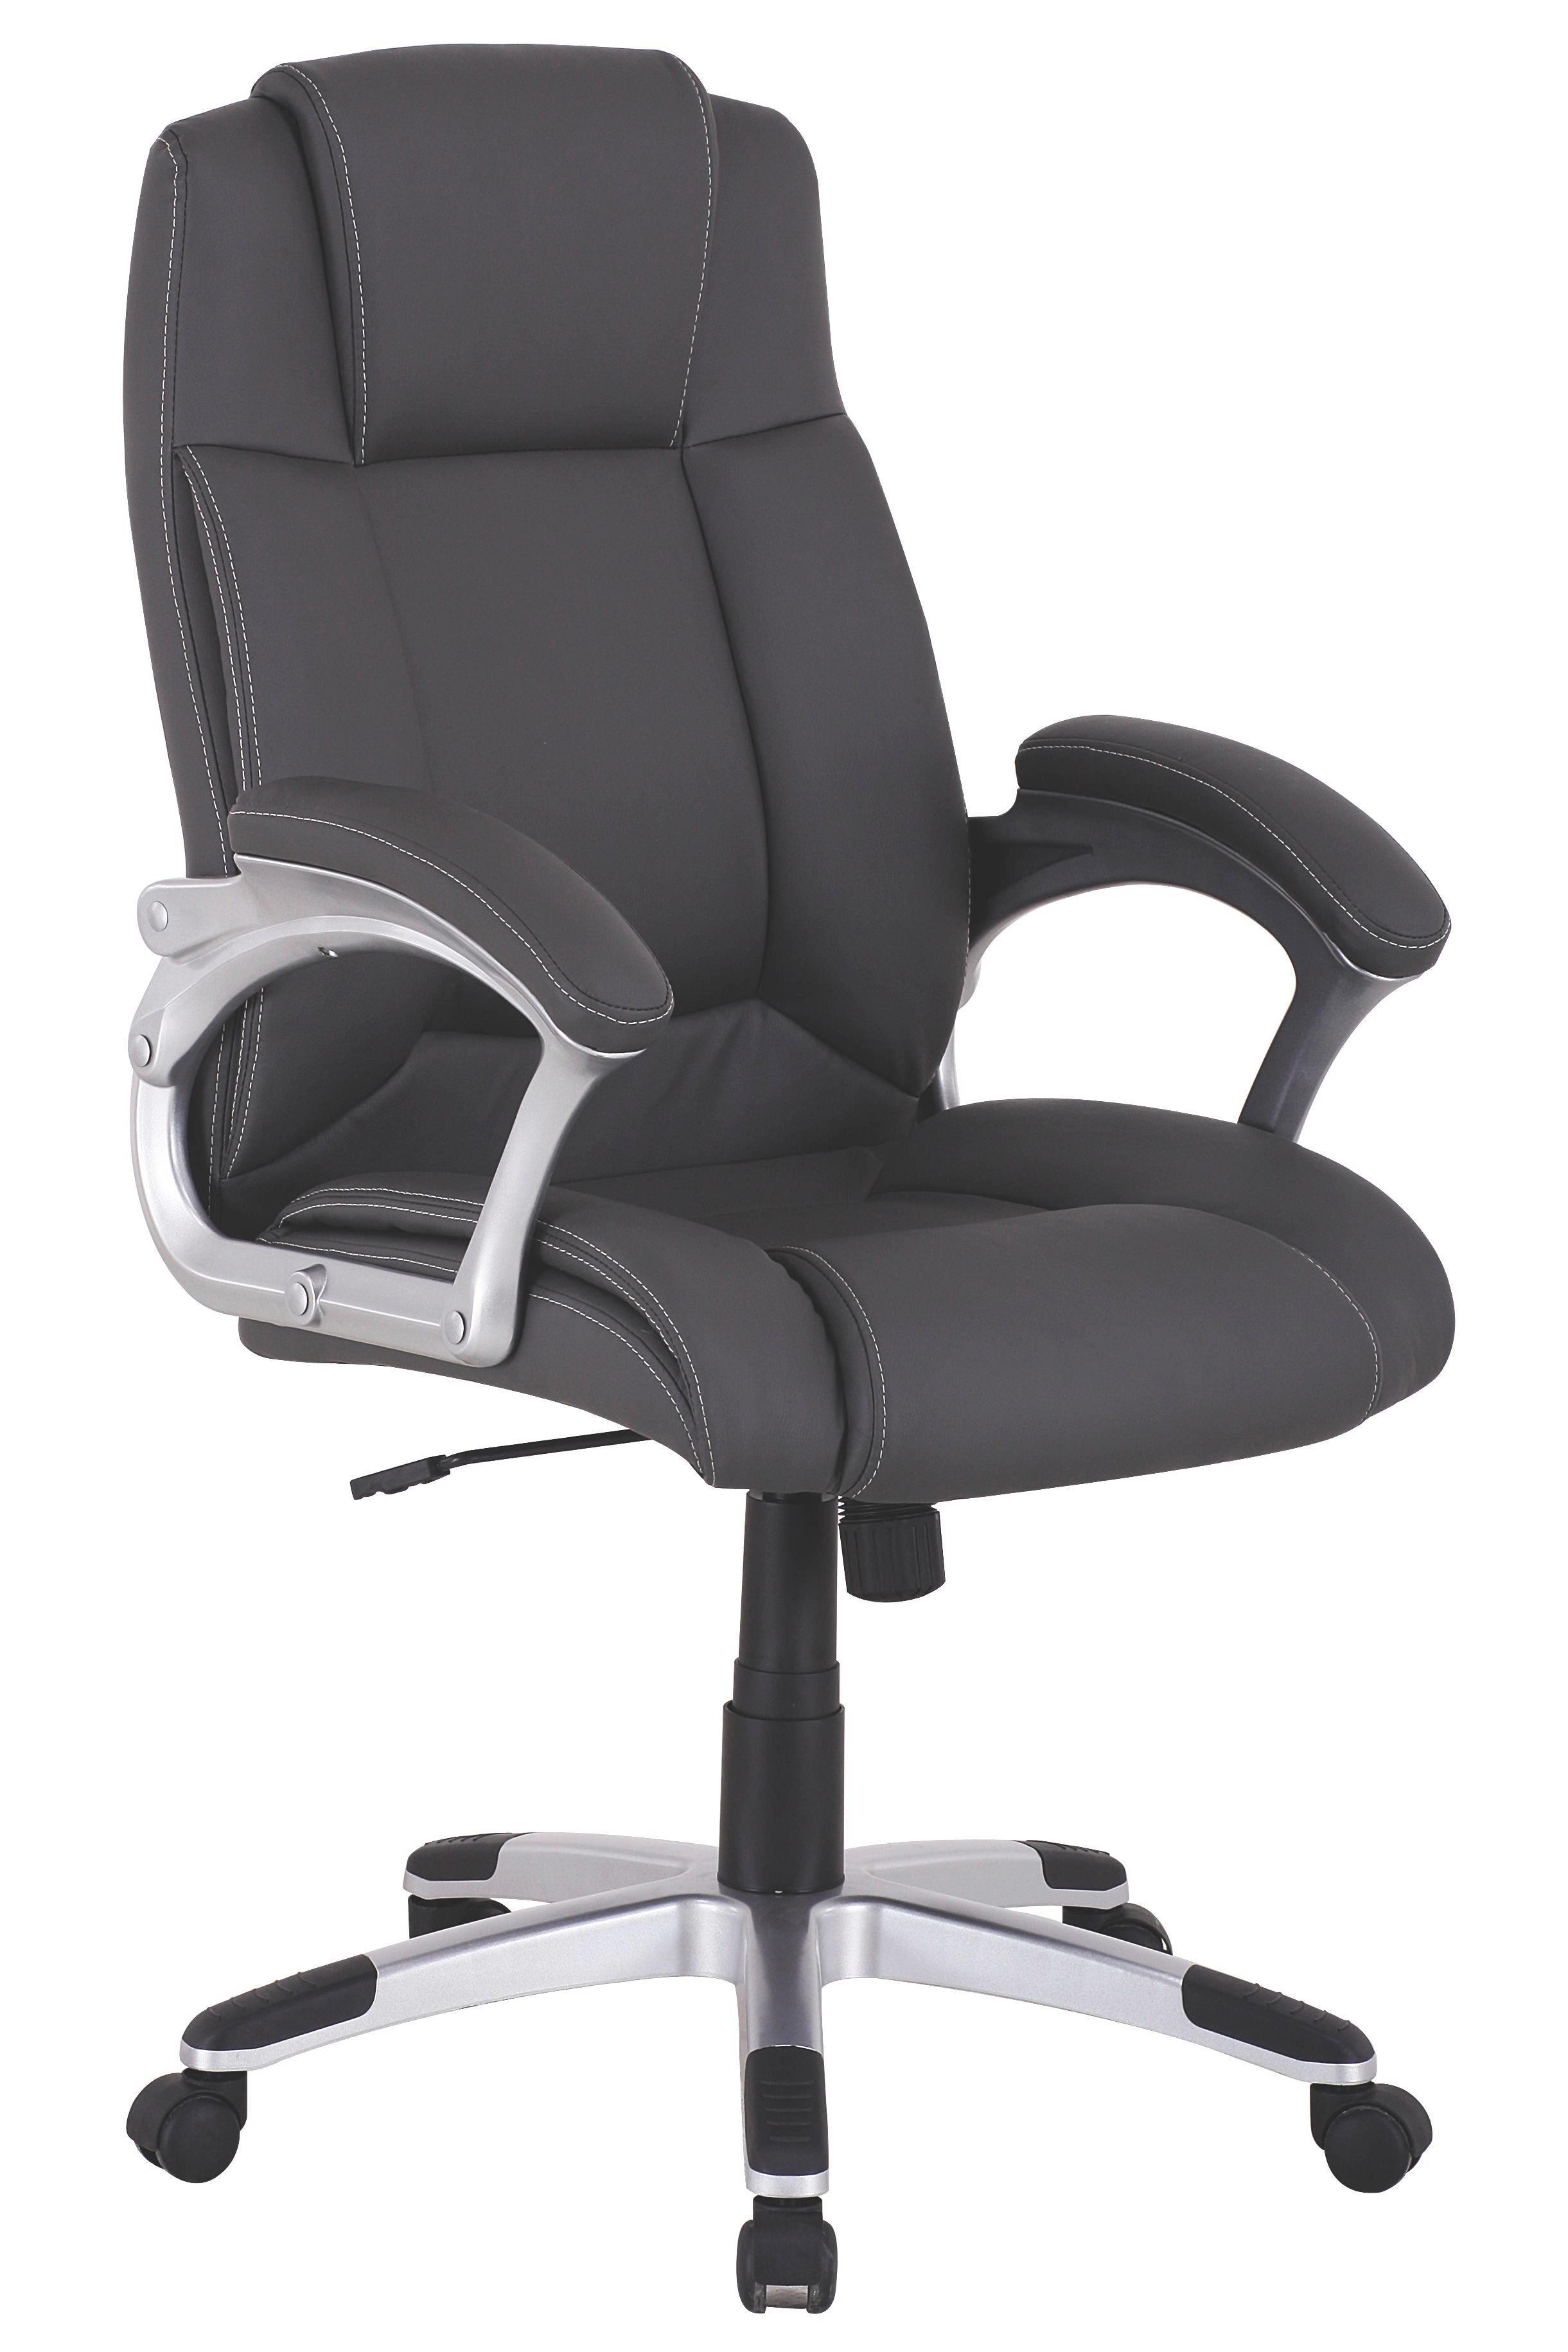 CHEFSESSEL Lederlook Grau, Silberfarben - Silberfarben/Weiß, Design, Kunststoff/Textil (65/109-118,5/65cm) - CARRYHOME